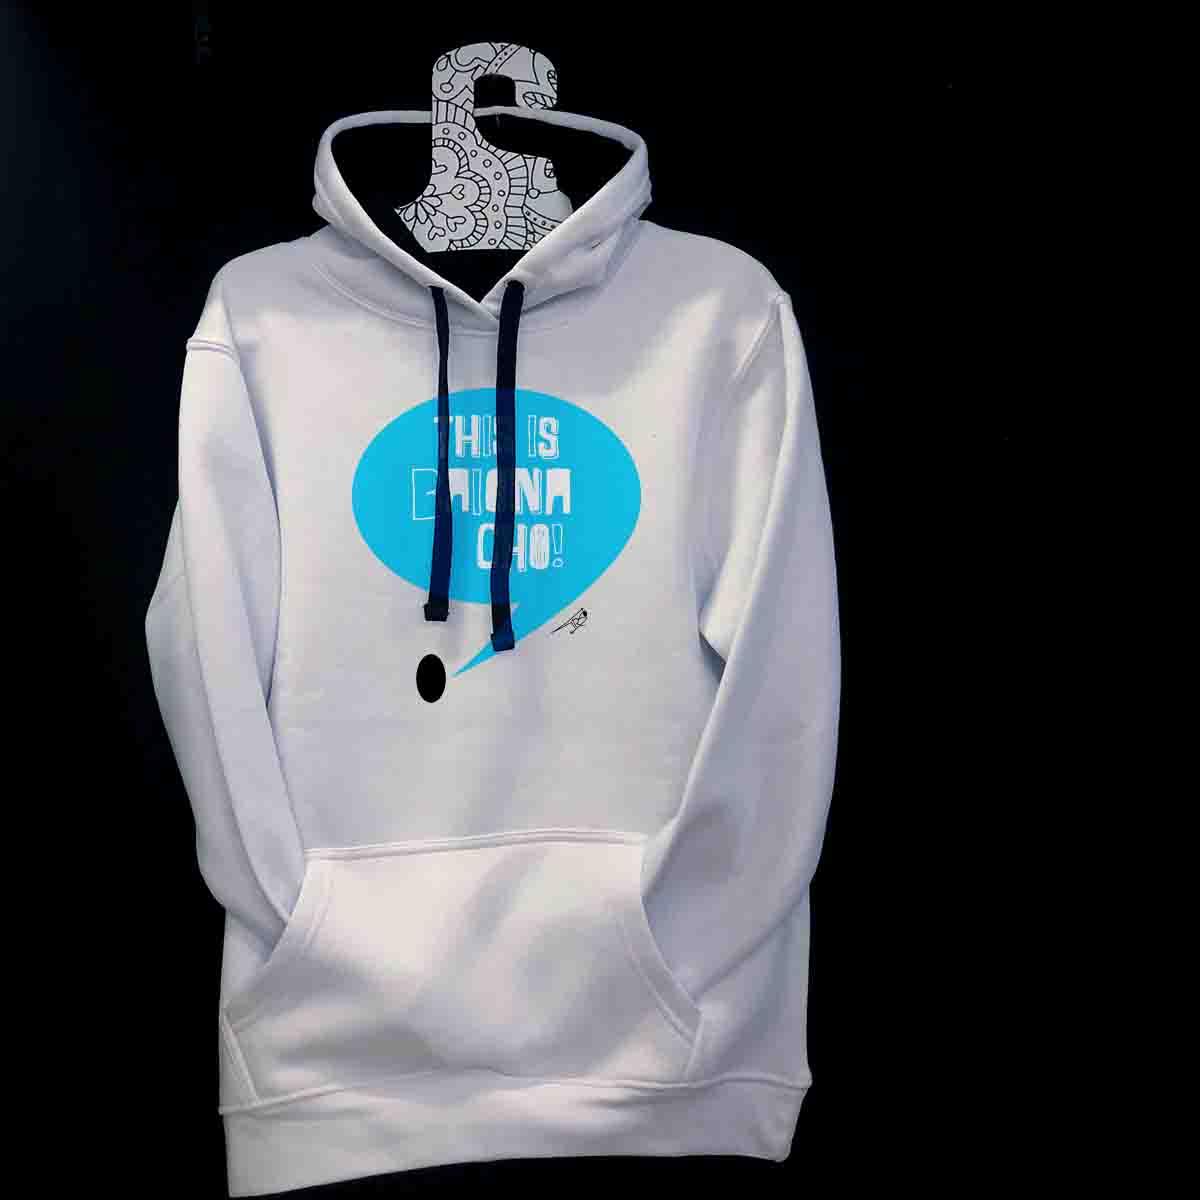 sudadera online baiona cho bayprints souenirs diseños creativos singulares exclusivos baiona sudadera hoodie camiseta online baiona